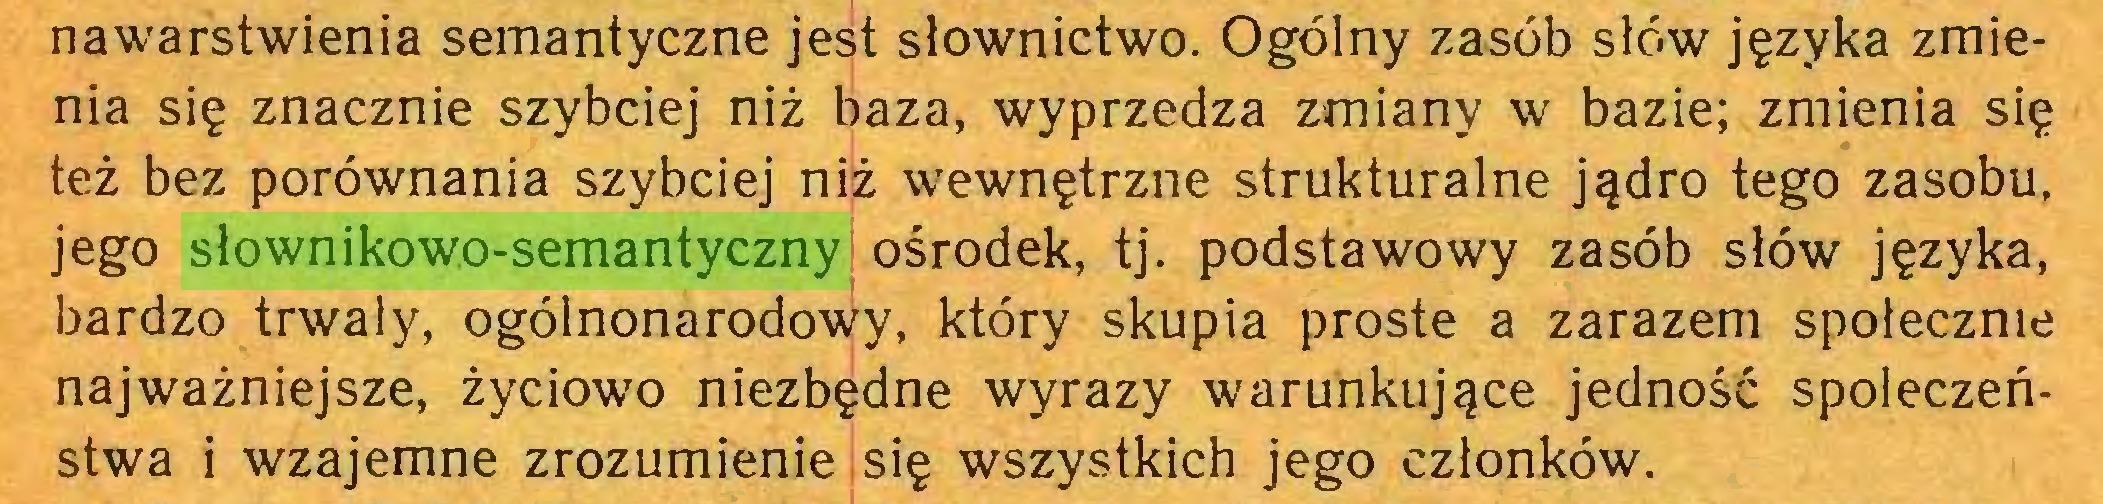 (...) nawarstwienia semantyczne jest słownictwo. Ogólny zasób słów języka zmienia się znacznie szybciej niż baza, wyprzedza zmiany w bazie; zmienia się też bez porównania szybciej niż wewnętrzne strukturalne jądro tego zasobu, jego słownikowo-semantyczny ośrodek, tj. podstawowy zasób słów języka, bardzo trwały, ogólnonarodowy, który skupia proste a zarazem społecznie najważniejsze, życiowo niezbędne wyrazy warunkujące jedność społeczeństwa i wzajemne zrozumienie się wszystkich jego członków...